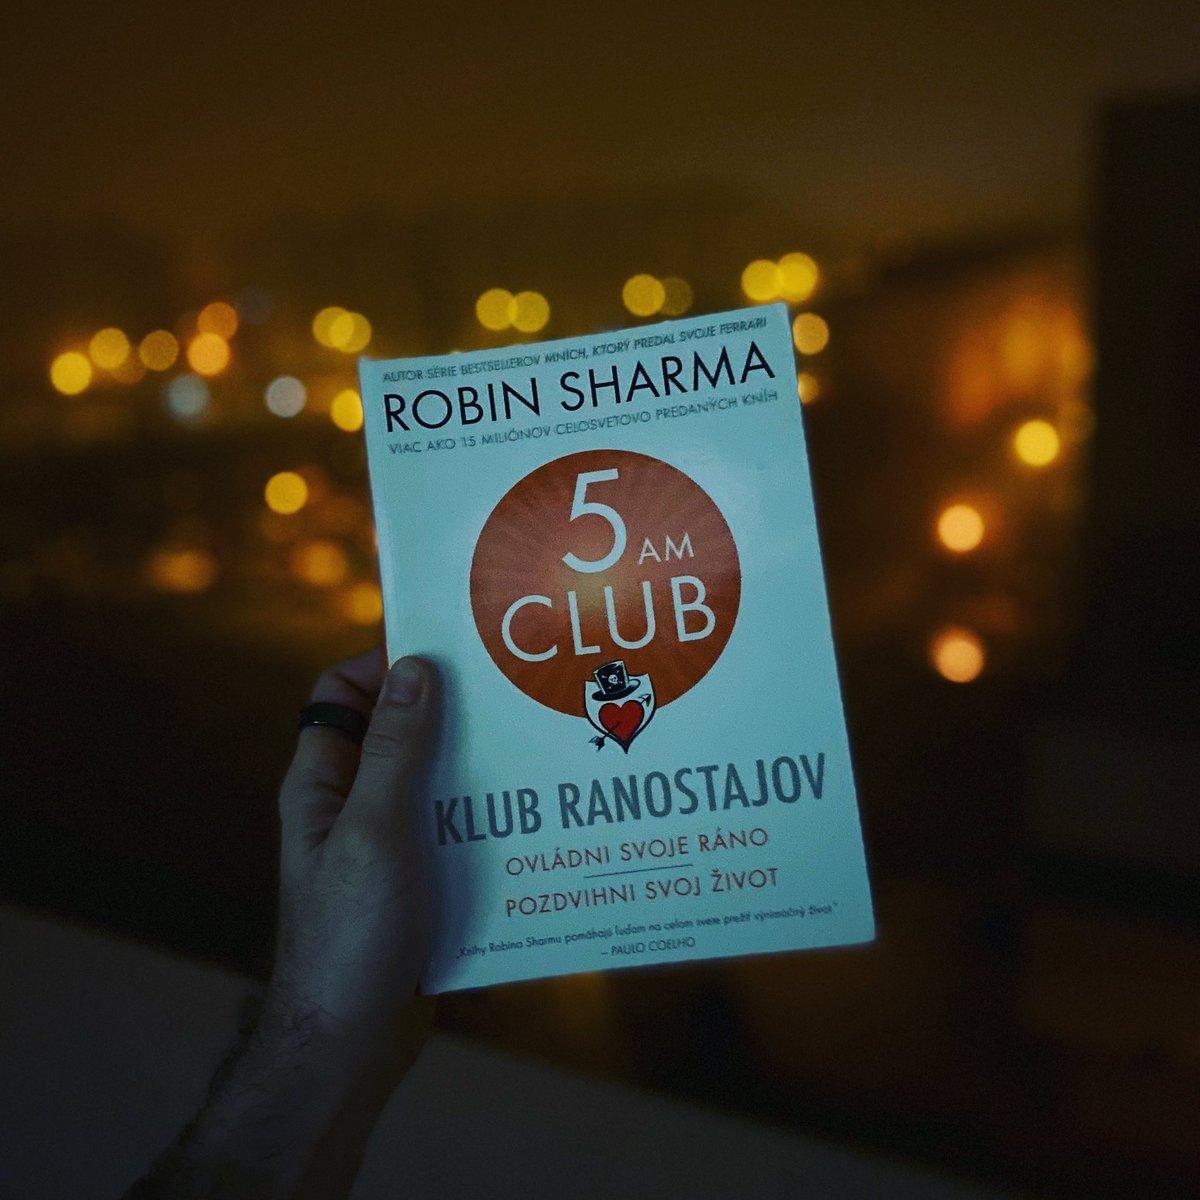 Som veľmi rad, že sa mi dostala tato knižka do ruky. Vďaka nej som objavil krásu rannej rutiny, ktorú sa budem snažiť zlepšovať. #the5amclub #klubranostajov #robinsharma #victoryhour #reading #bookstagram #morning #dnescitam #carovnapolickapic.twitter.com/qSIsjyQeGb